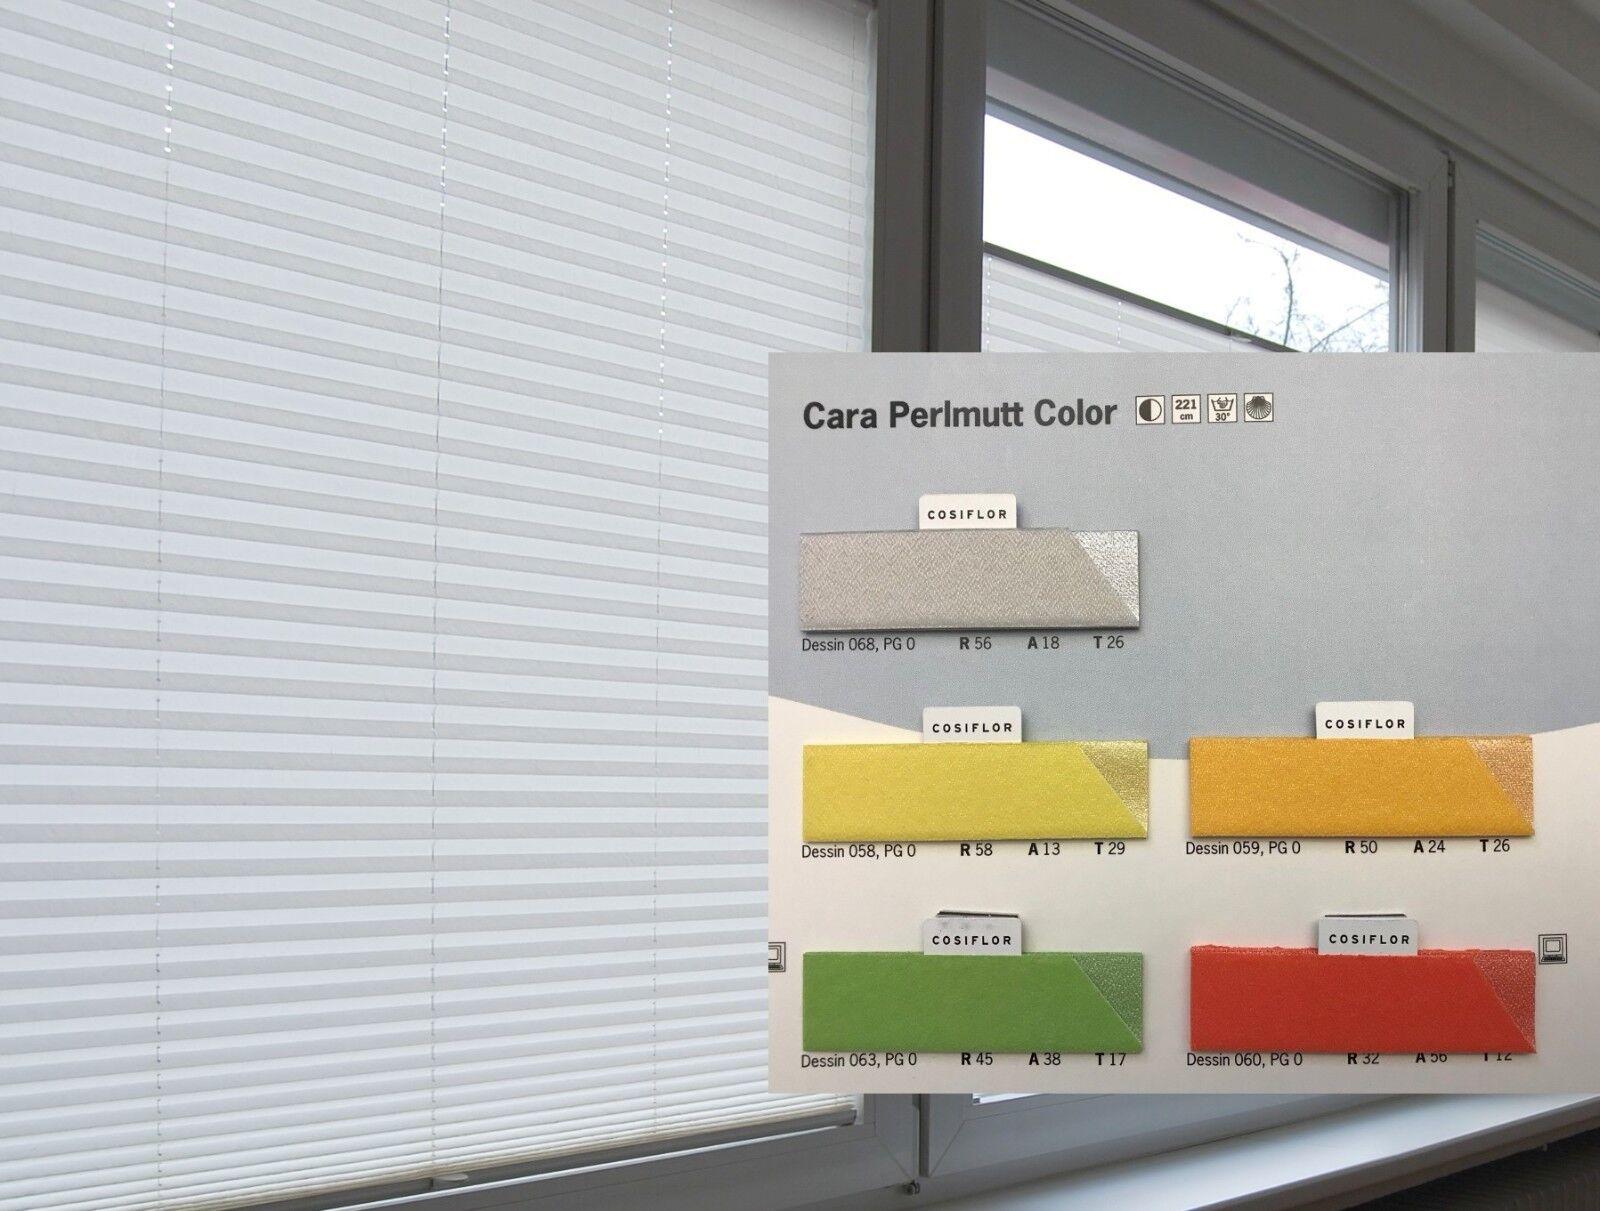 Cosiflor VS 2 Cara Perlmutt Sichtschutz Breite 30-120 Plissee Faltstore Jalousie | Auktion